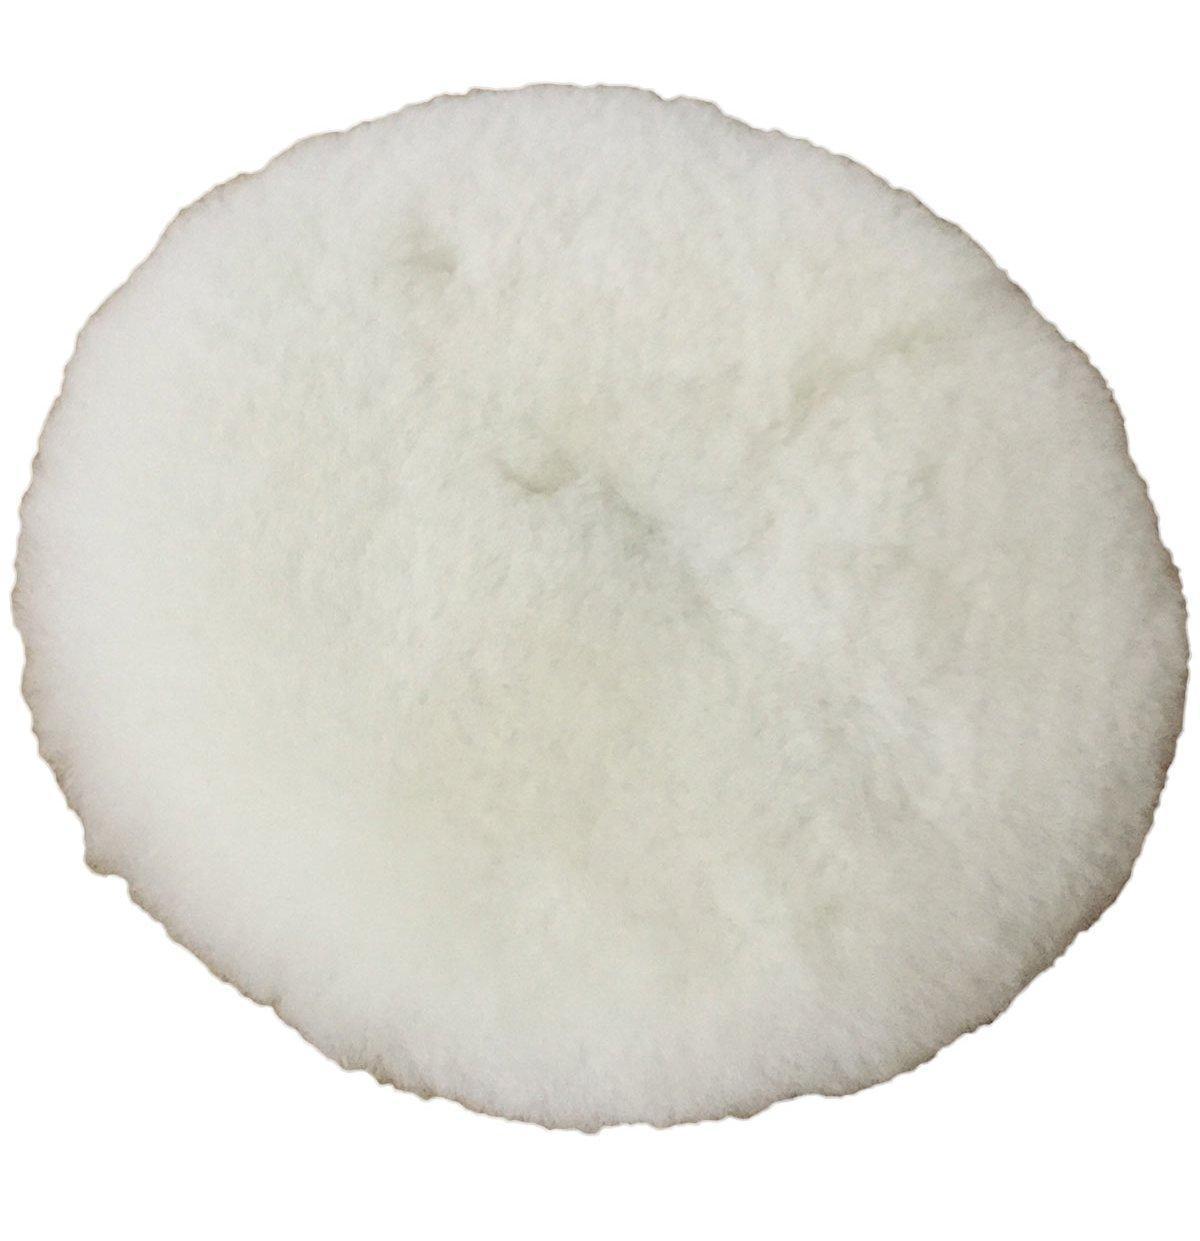 Полировальный круг лама - Koch Chemie Lammfell-Pad mit loch 135 мм. белый (999254)